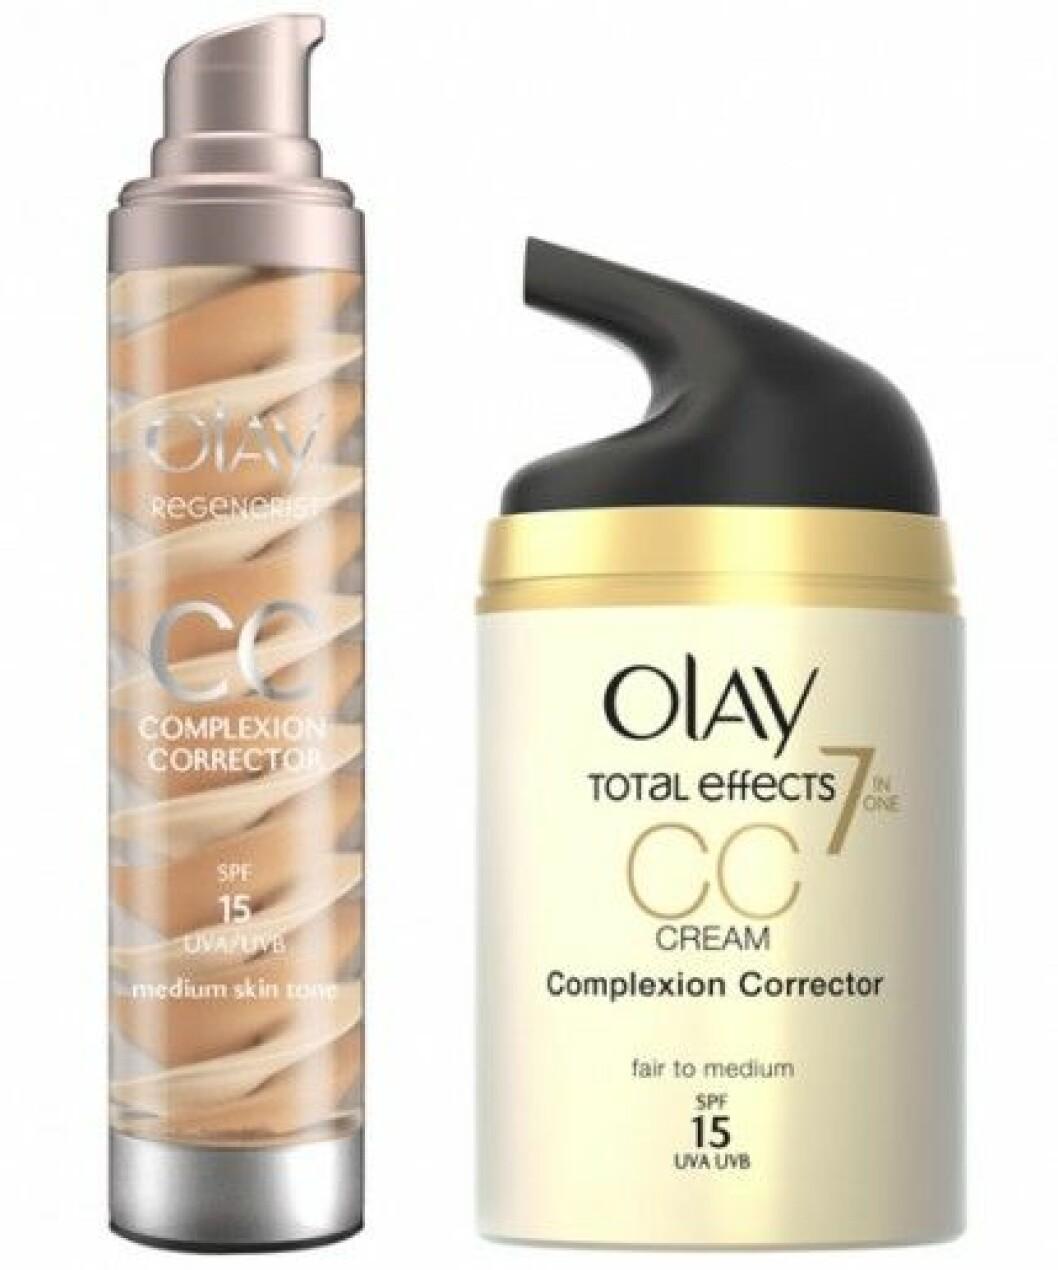 Olay lanserar två CC-creams våren 2014.